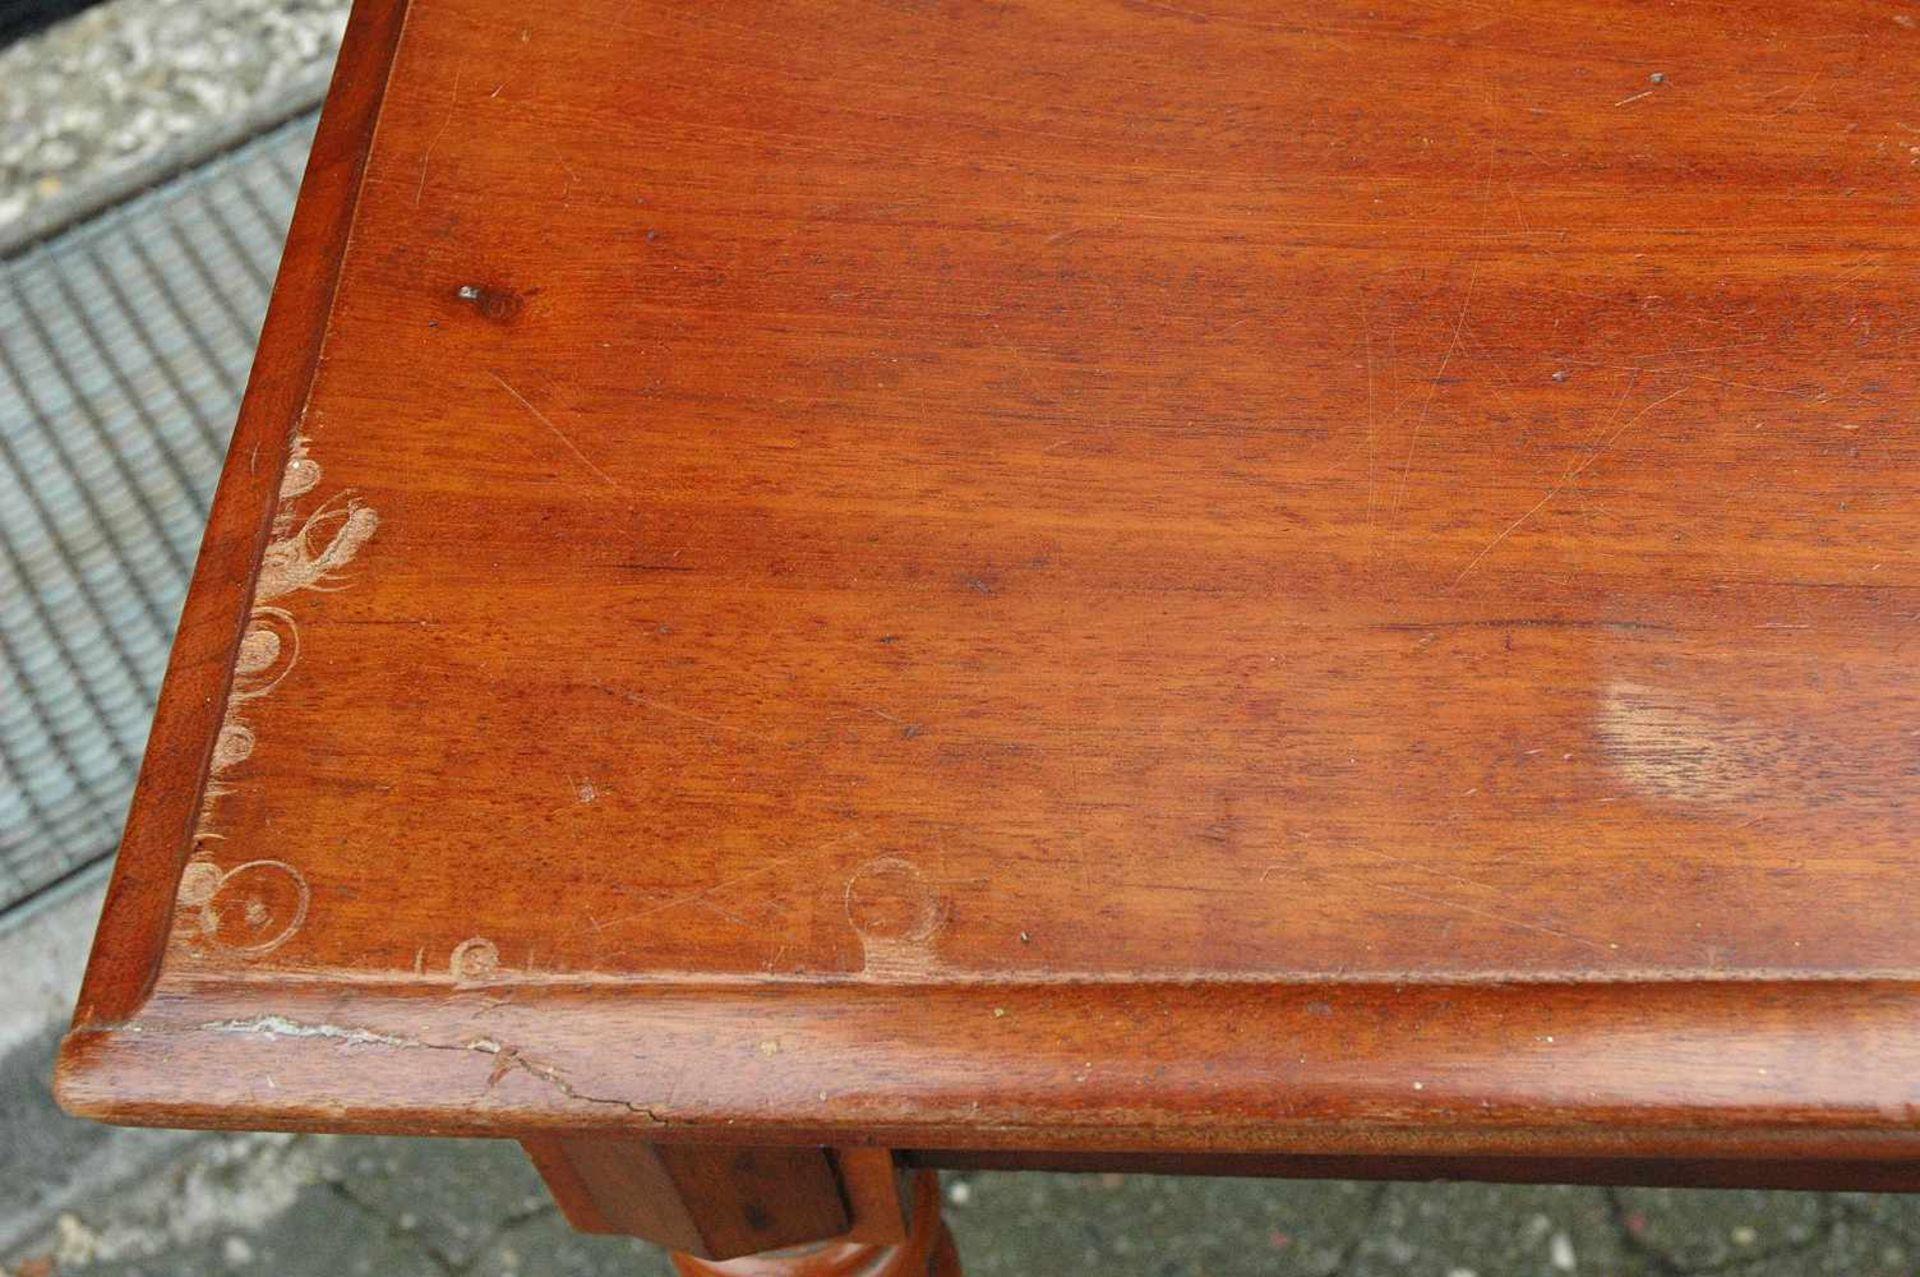 Spieltisch, Gründerzeit, Platte mit leichten Schäden, h= 76 cm - Bild 5 aus 5